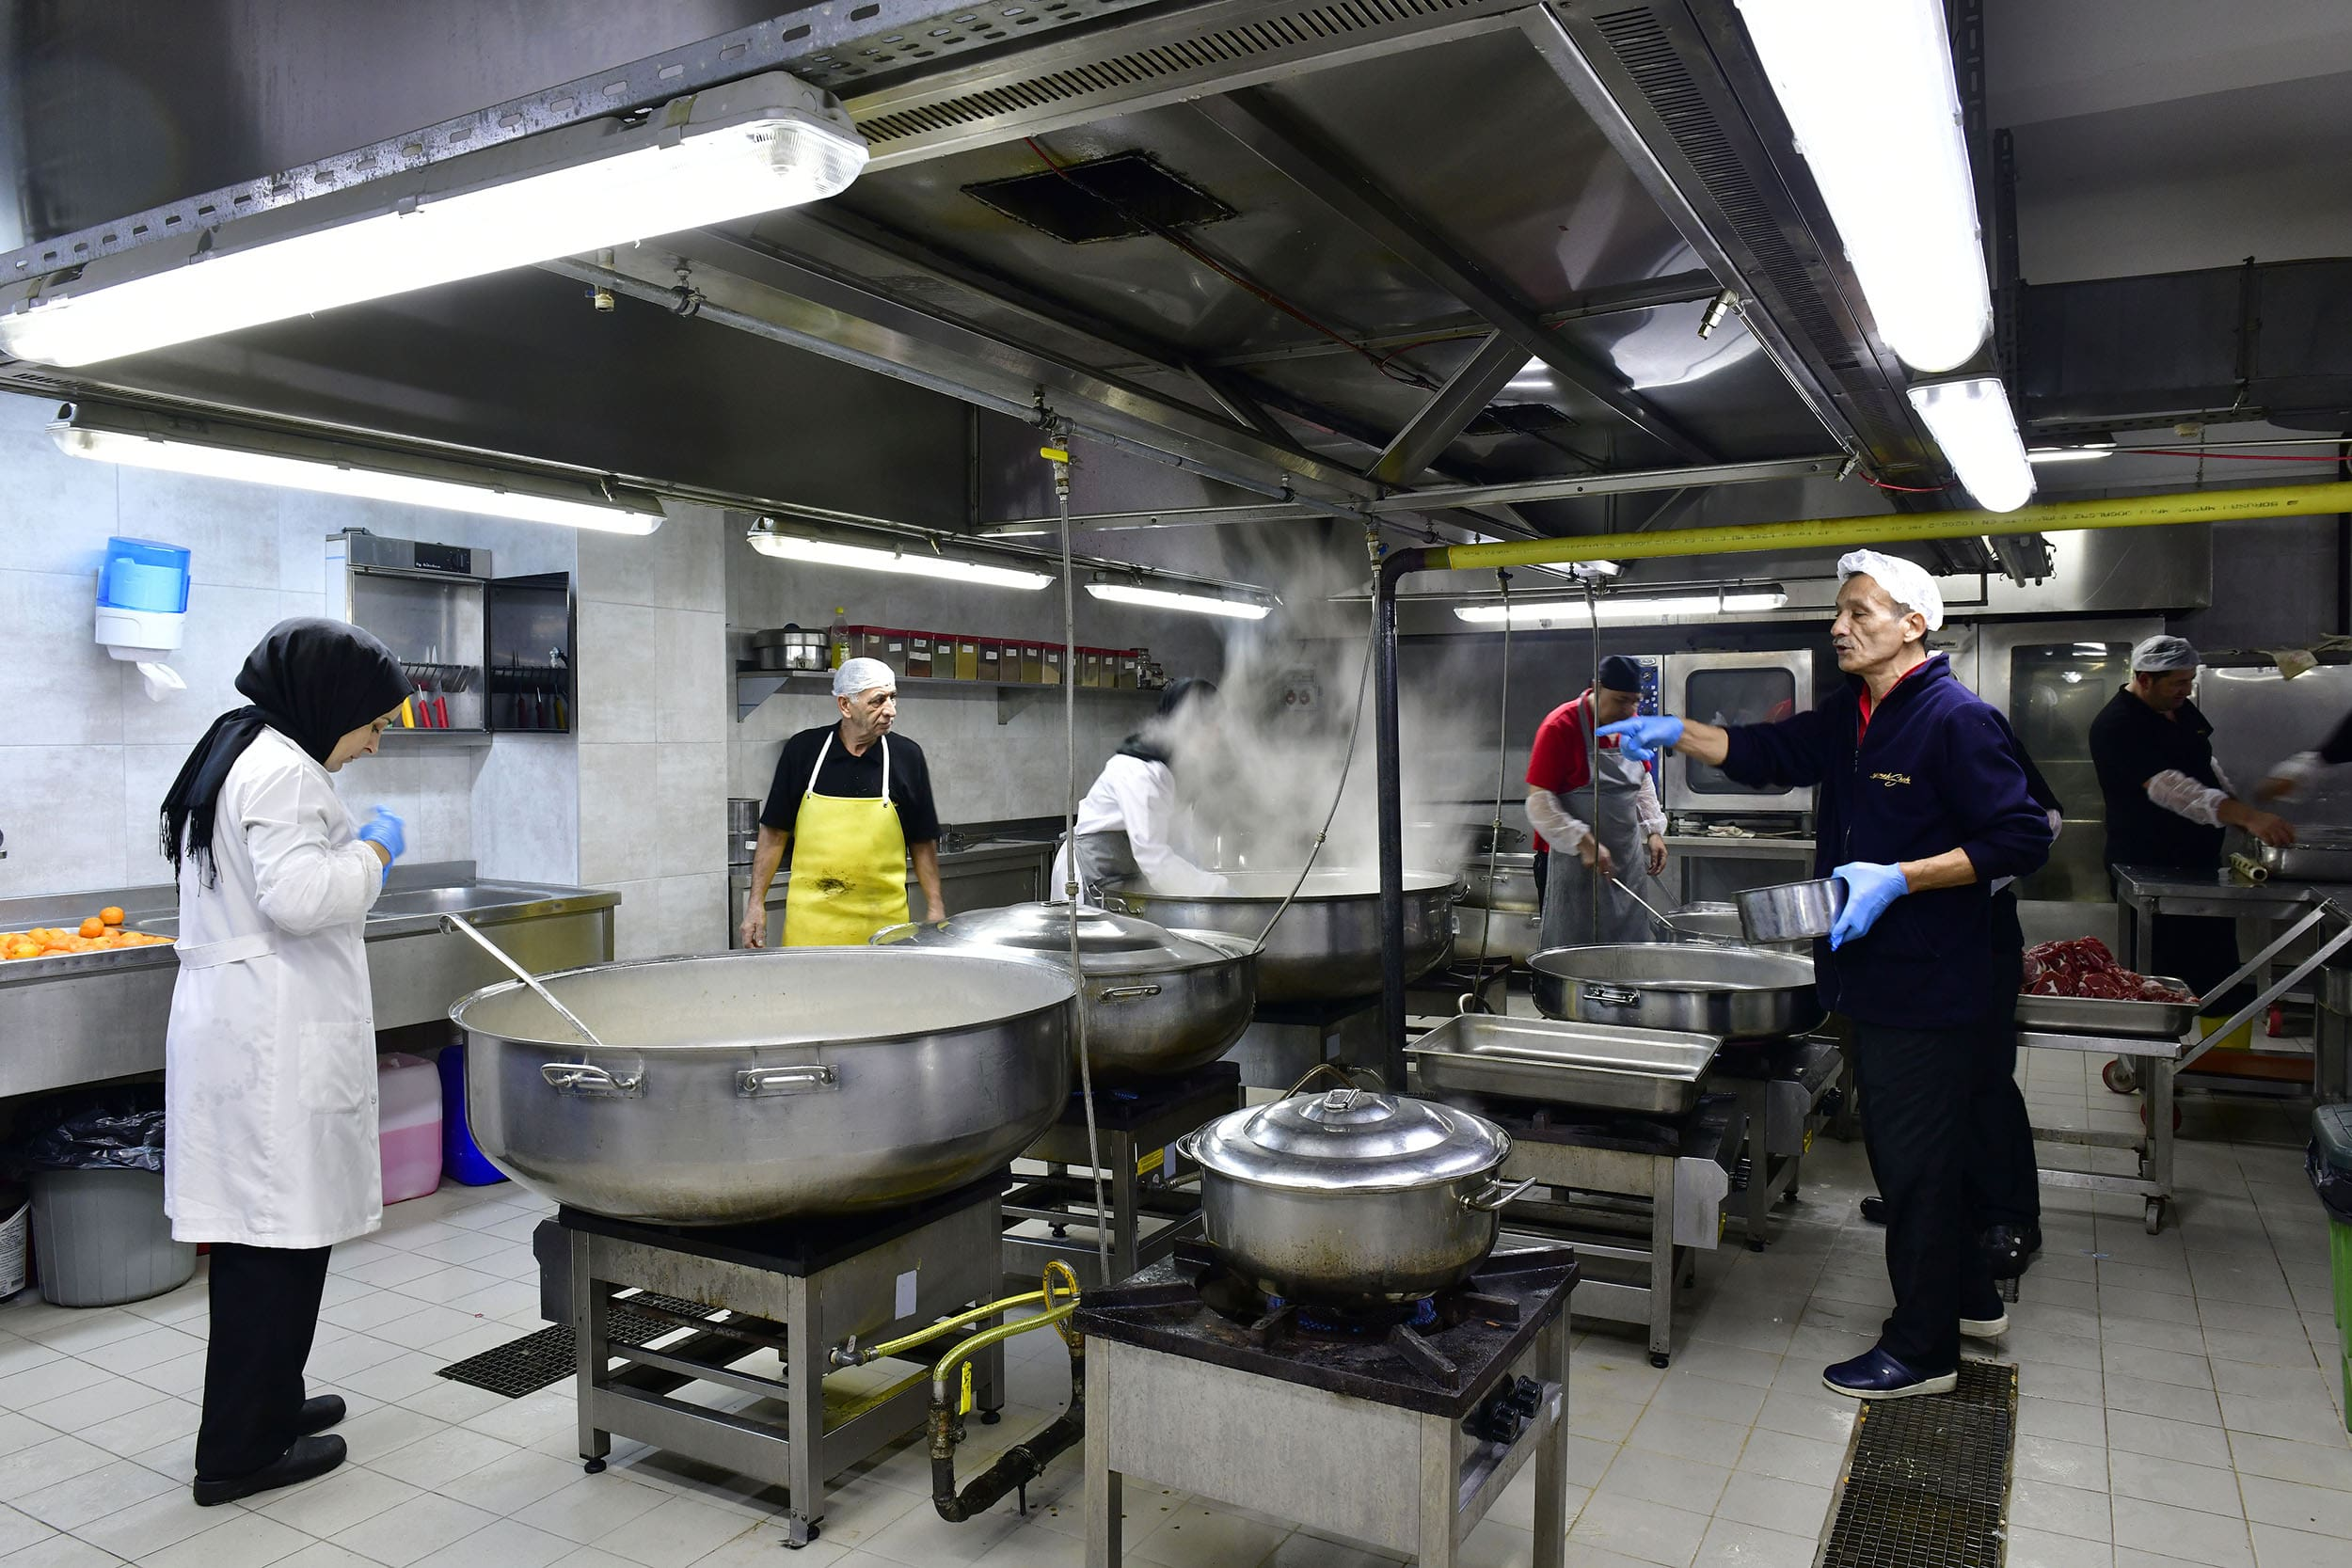 Asfa Eğitim Destek Hizmetleri Yemek Galeri 04